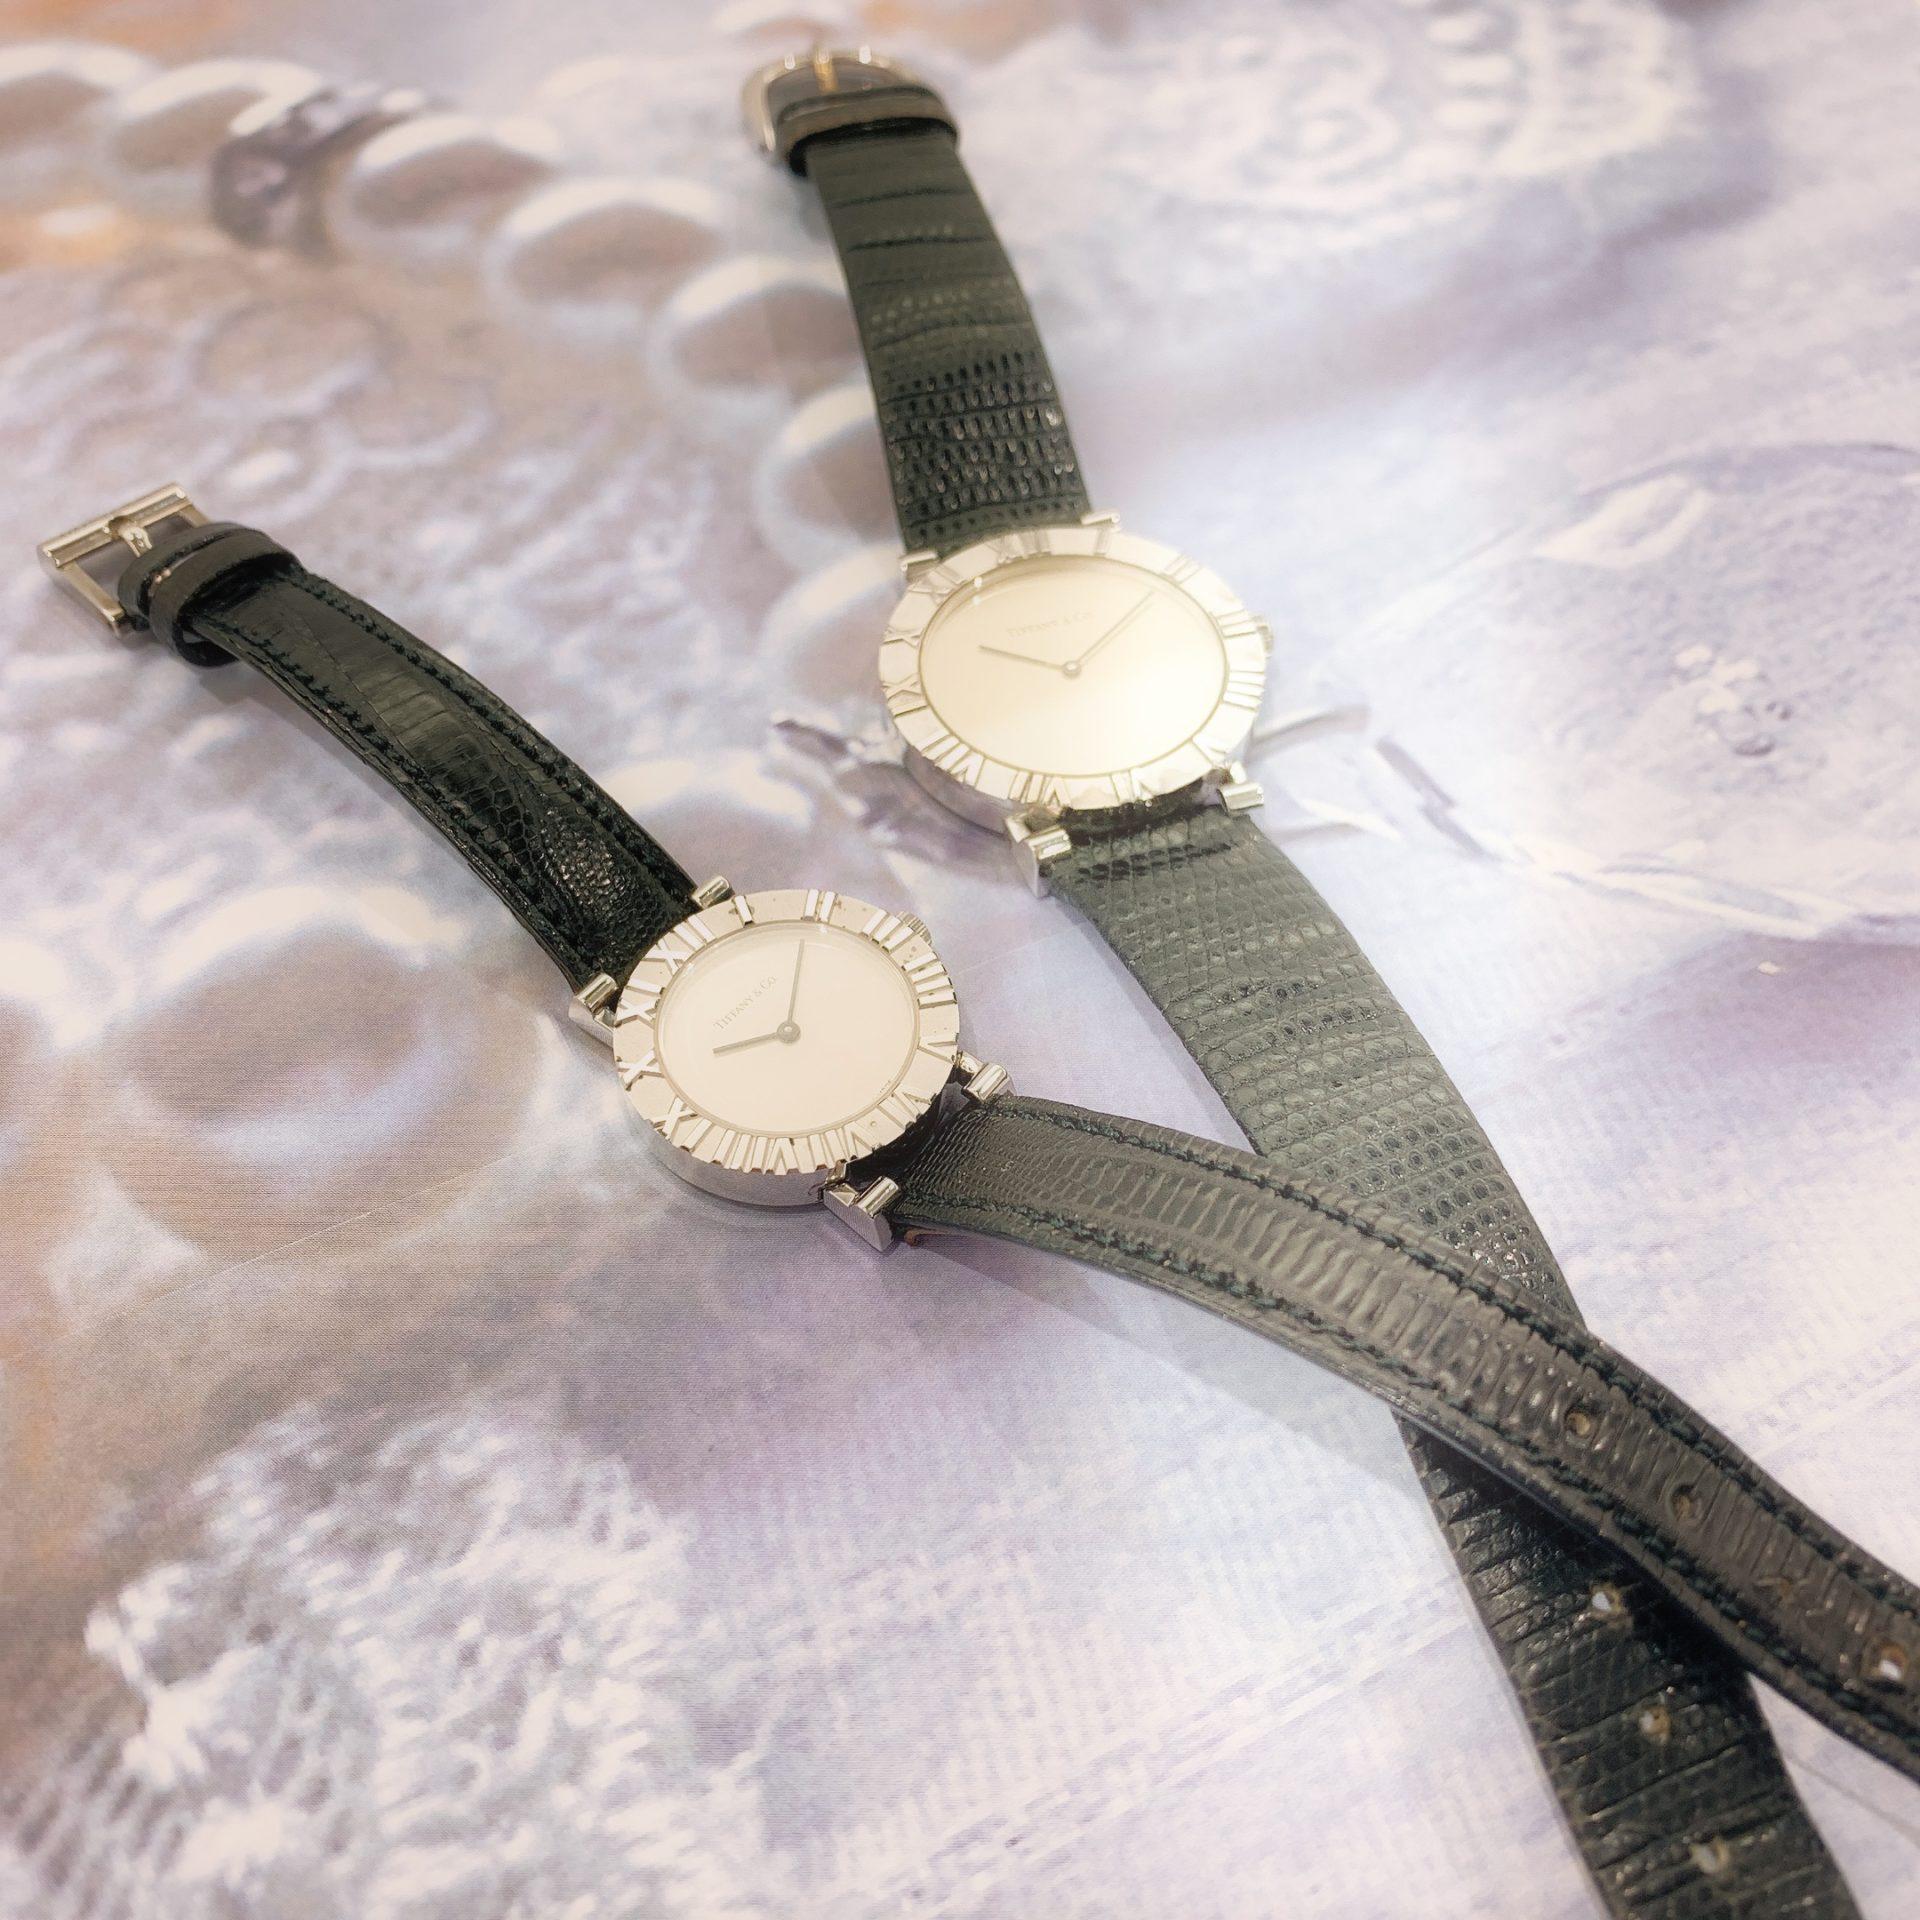 【時計 販売 盛岡】TIFFANY.Coのシンプルで美しい『アトラスウォッチ』